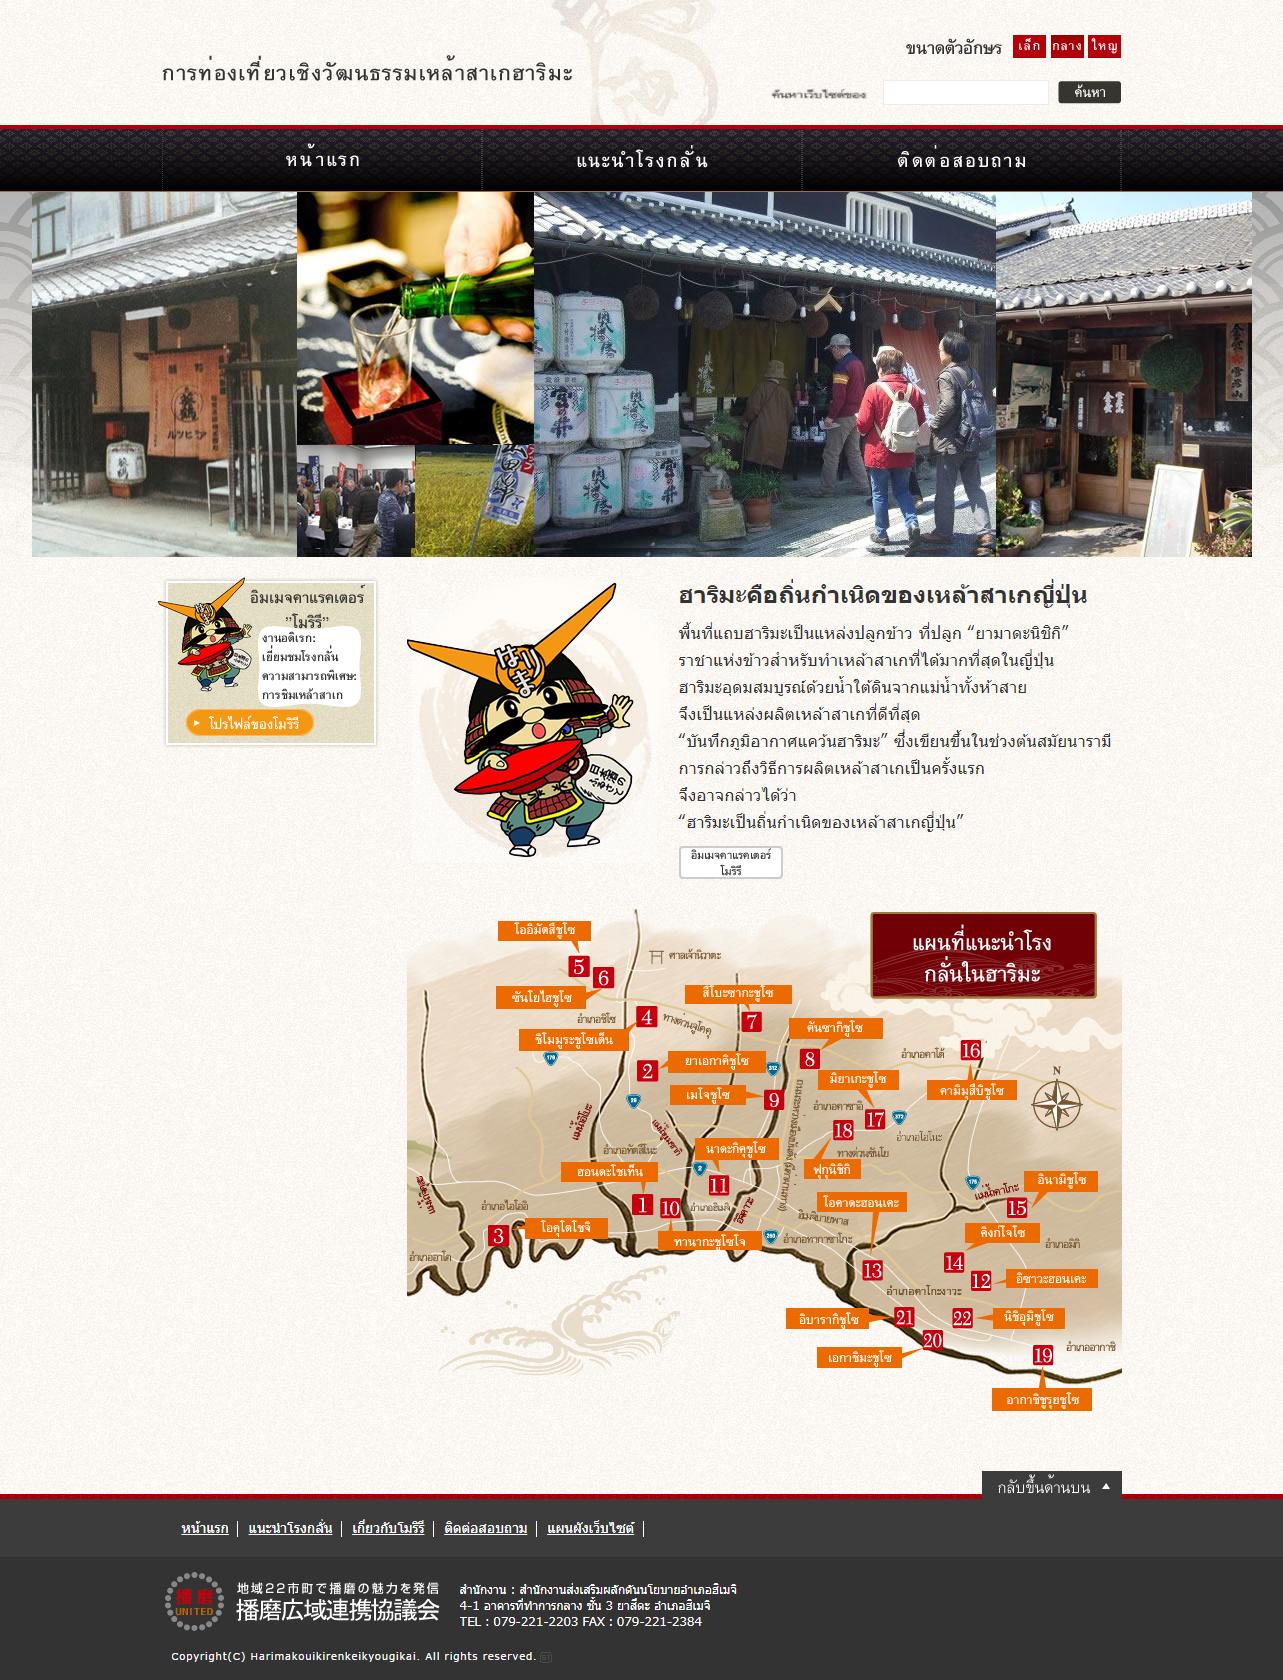 播磨広域連携協議会 はりま酒文化ツーリズム タイ語サイト1